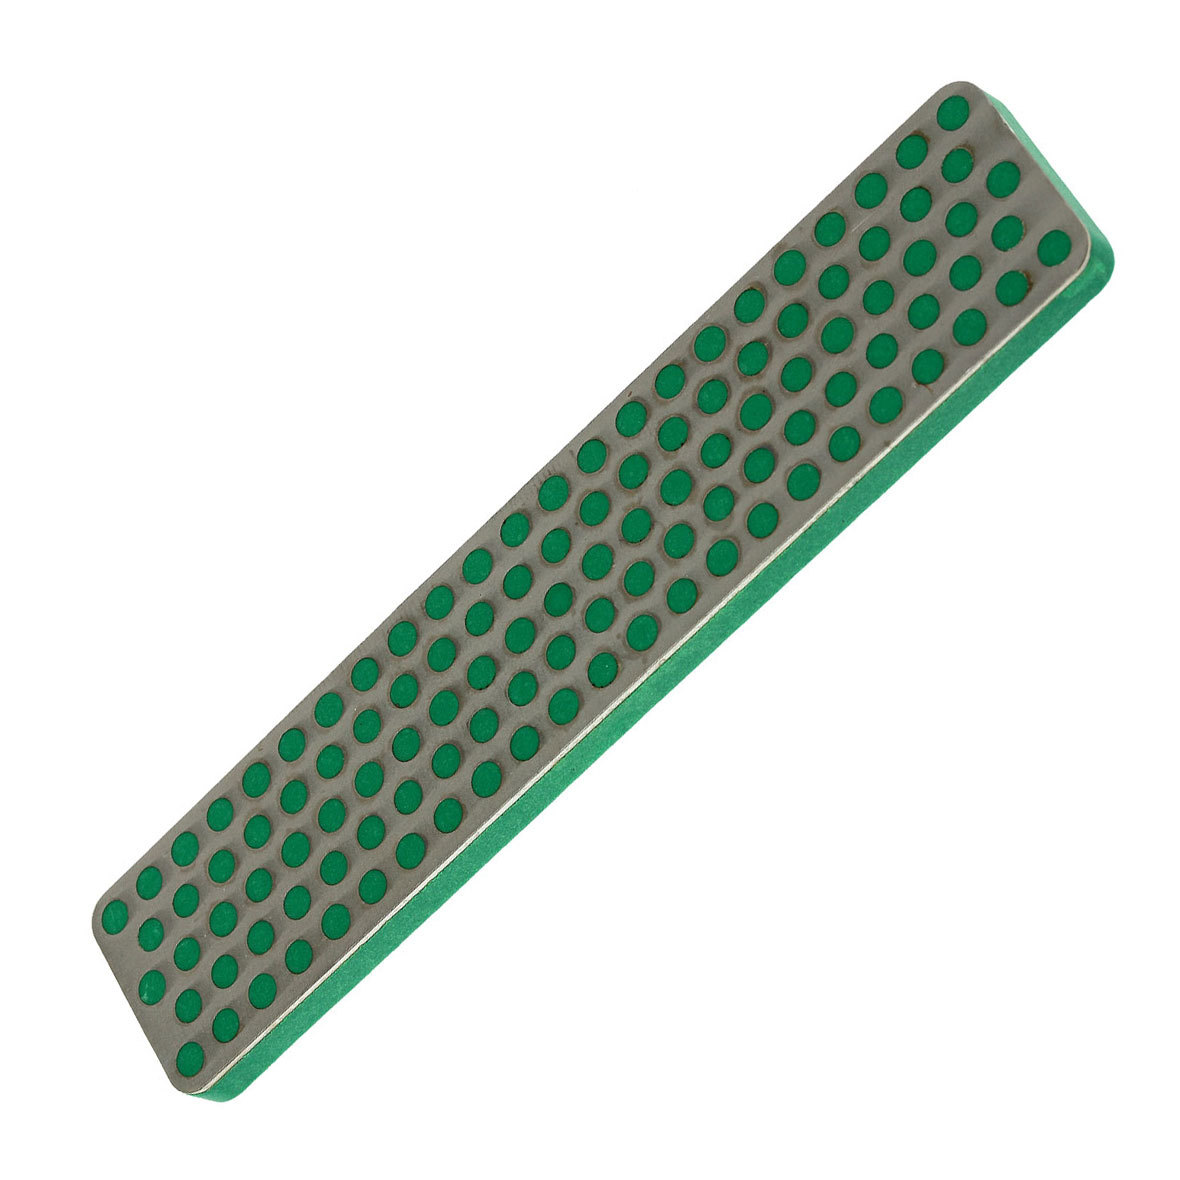 Алмазный брусок для точильного набора DMT Aligner™ Extra-Fine, 1200 меш, 9 мкм фото